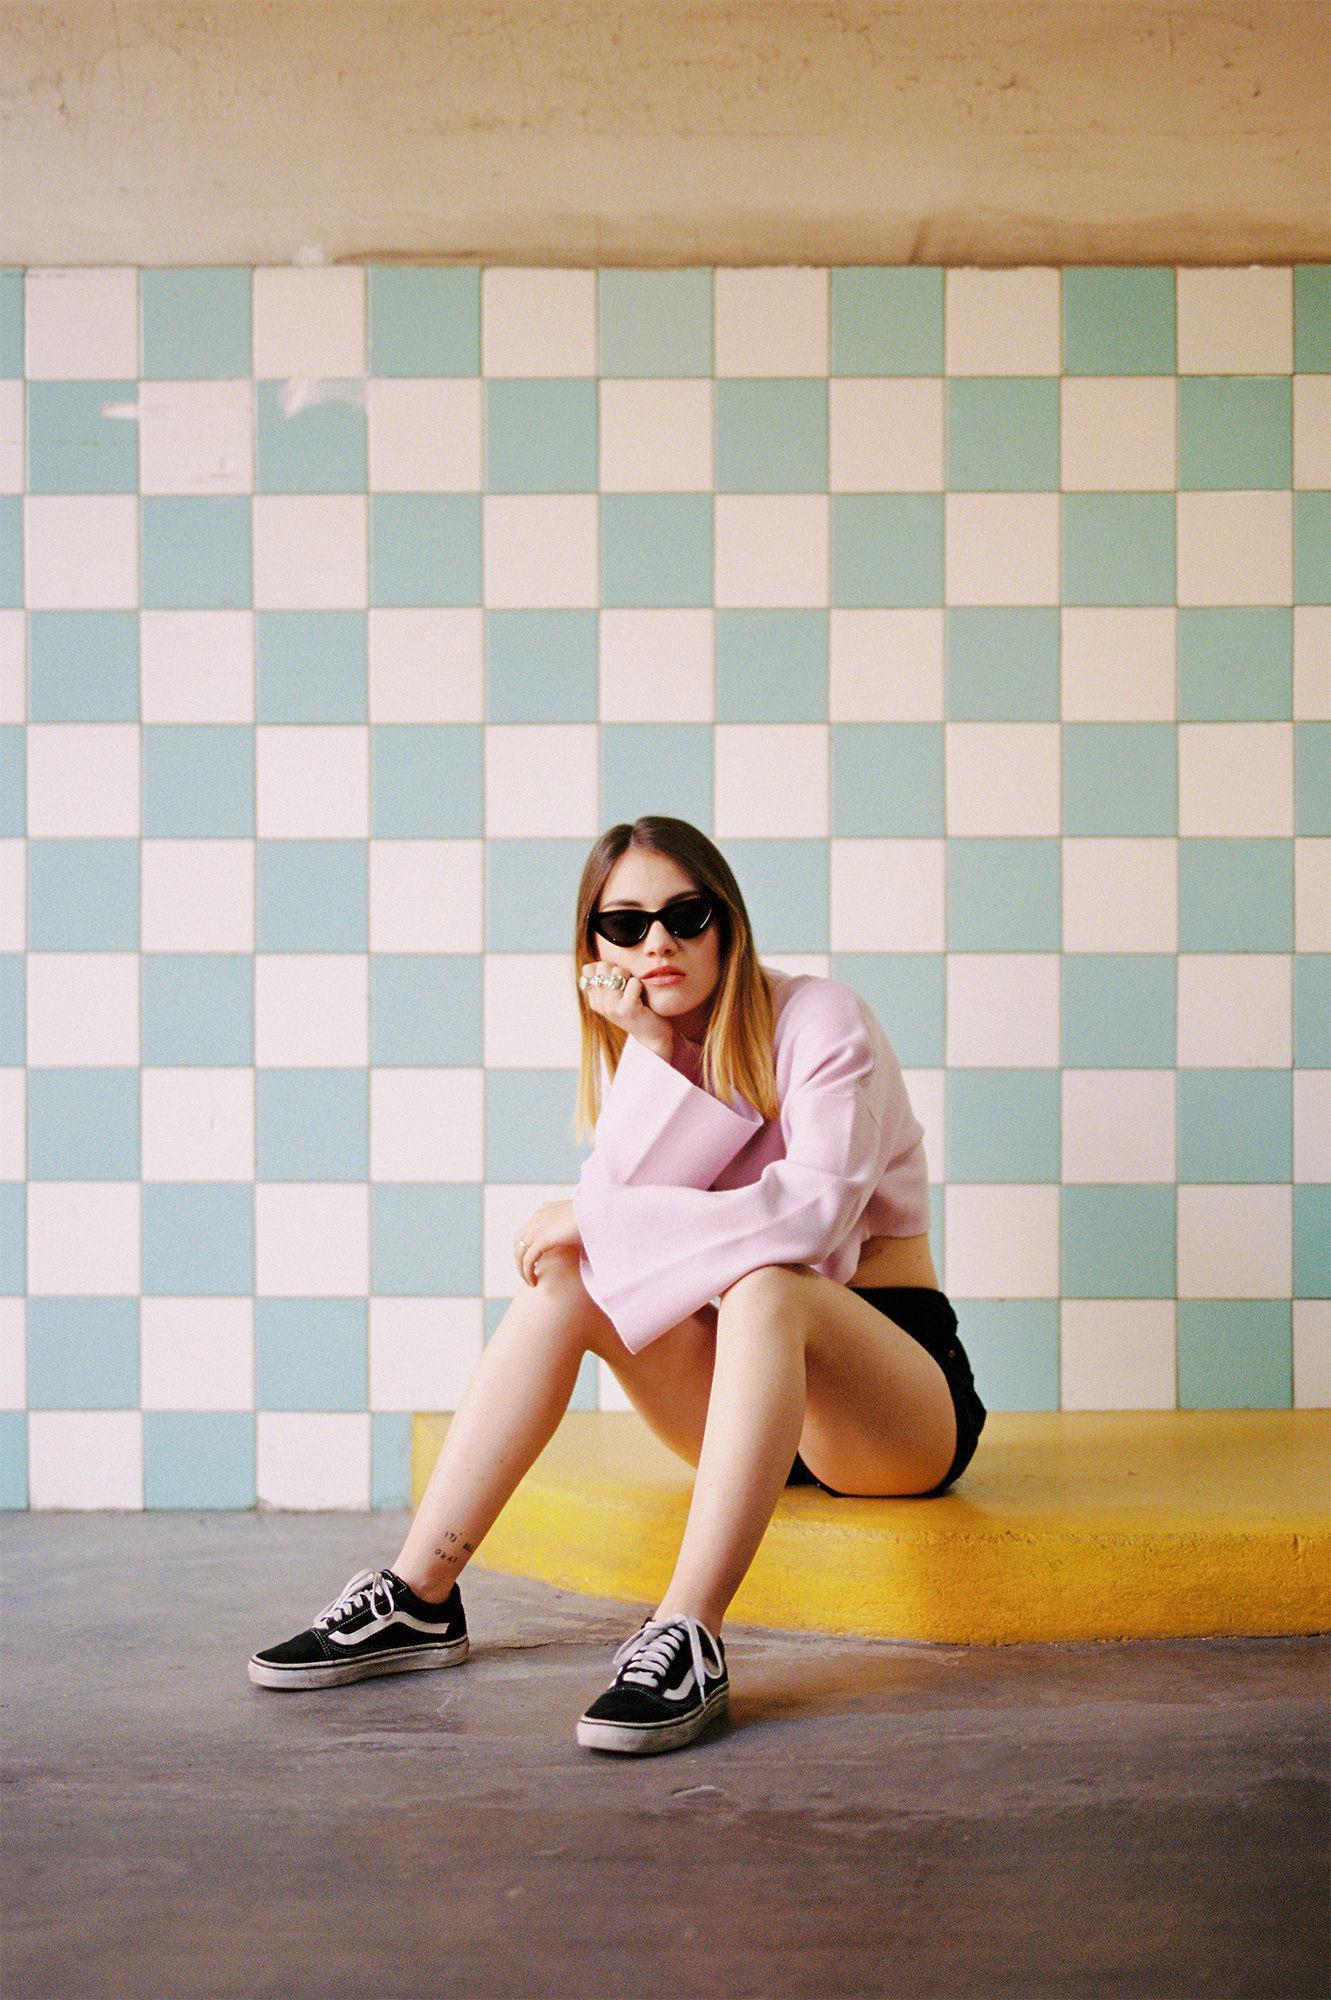 fotografo-retrato-moda-valencia-09